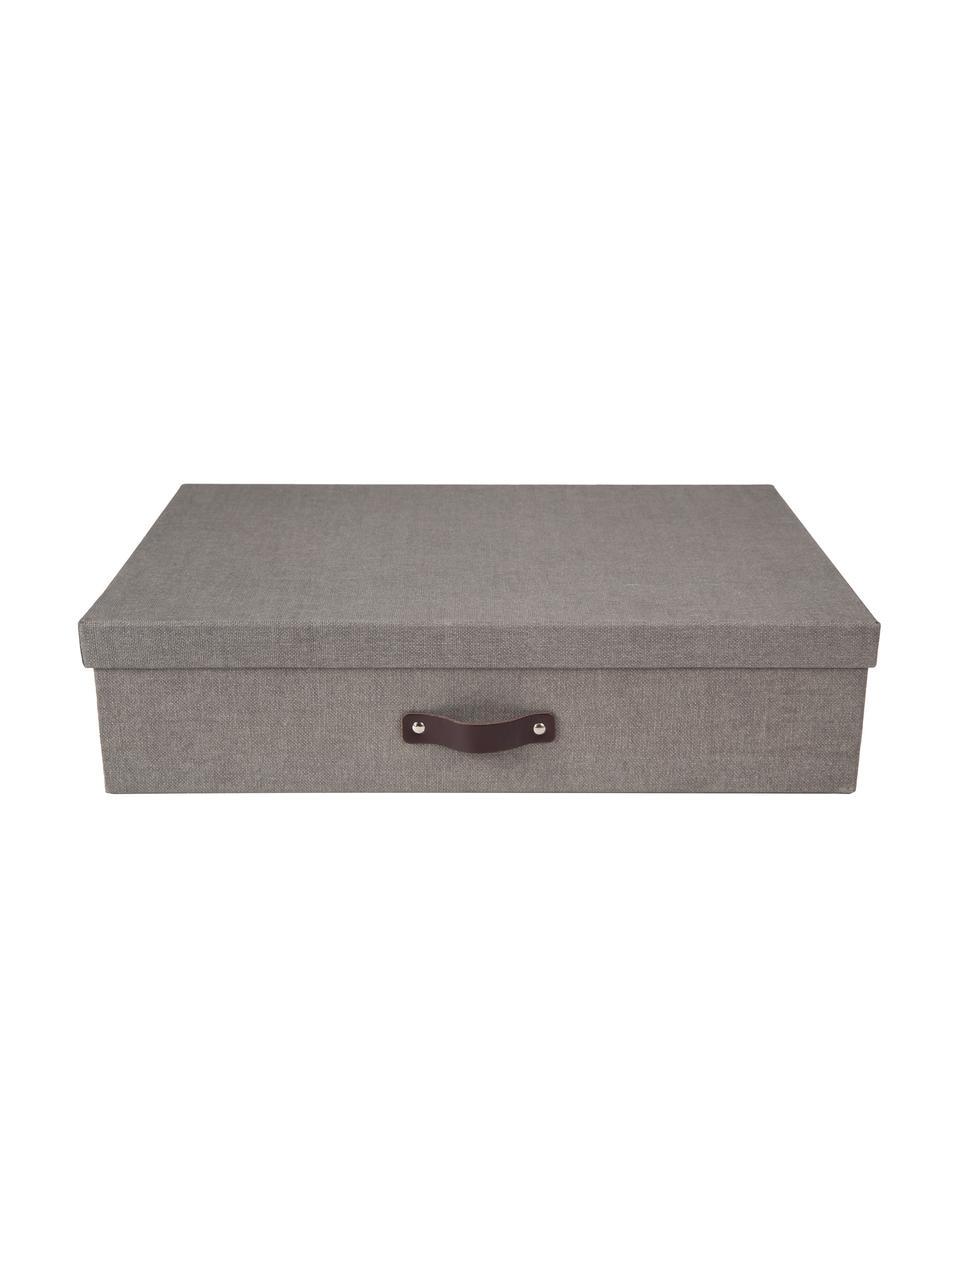 Aufbewahrungsbox Jakob II, Box: Fester Leinenstrukturkart, Griff: Leder, Box außen: GrauBox innen: SchwarzGriff: Dunkelbraun, 43 x 11 cm